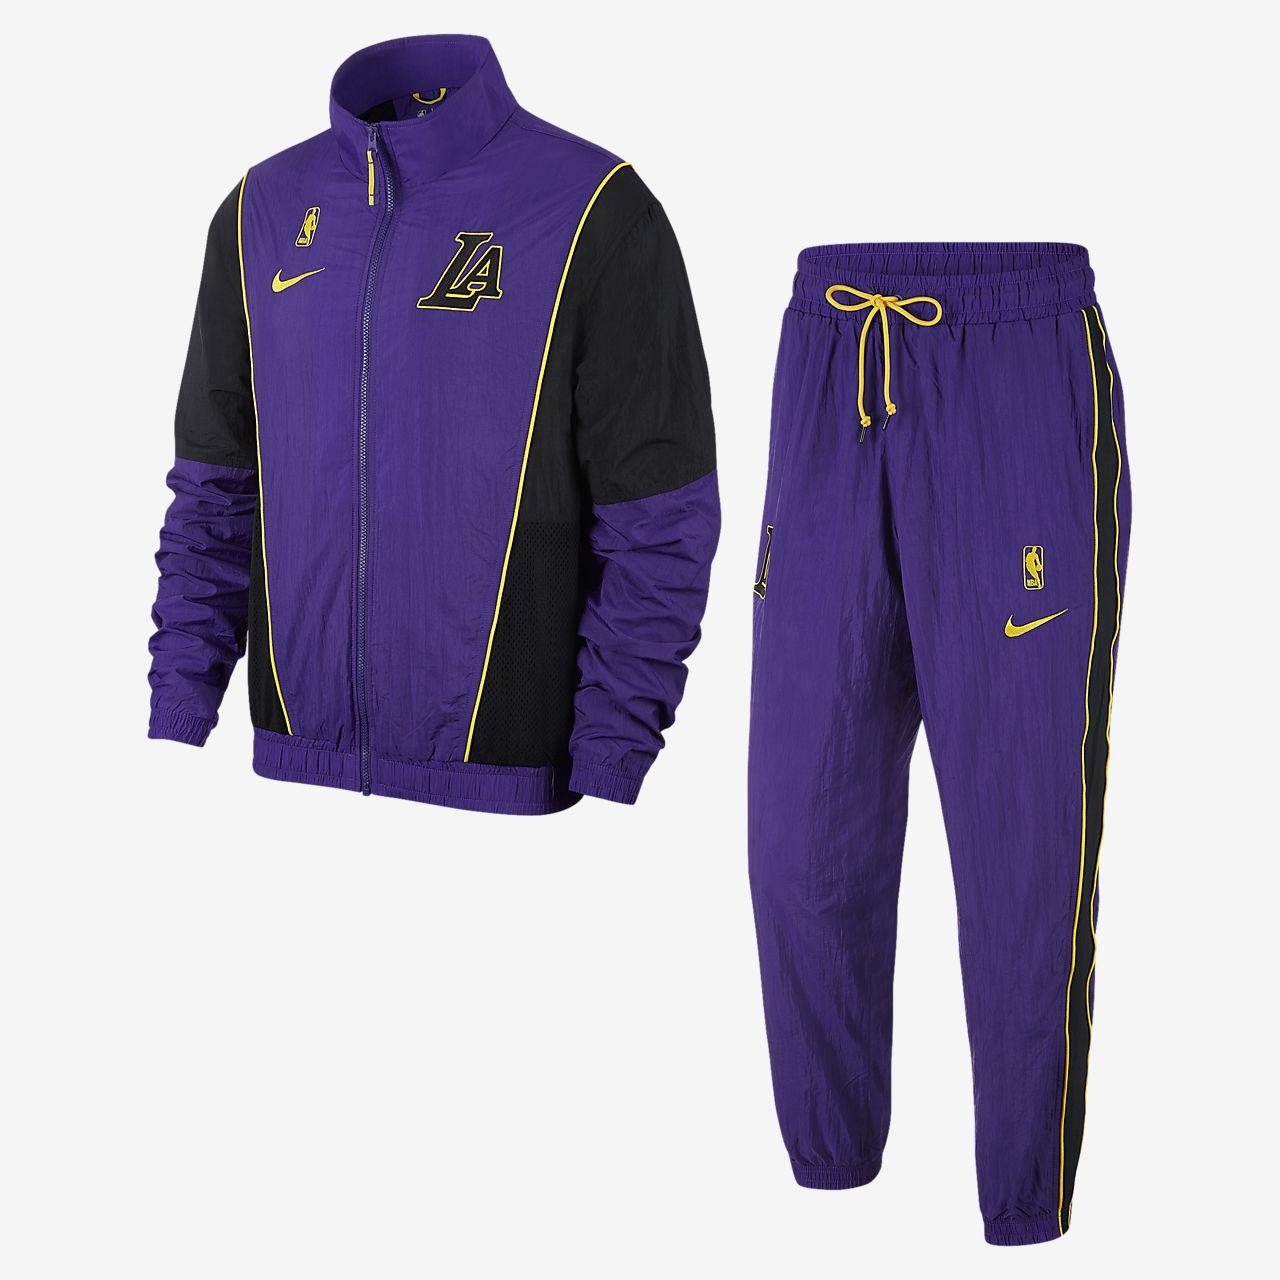 洛杉矶湖人队 Nike 男子 NBA 运动套装